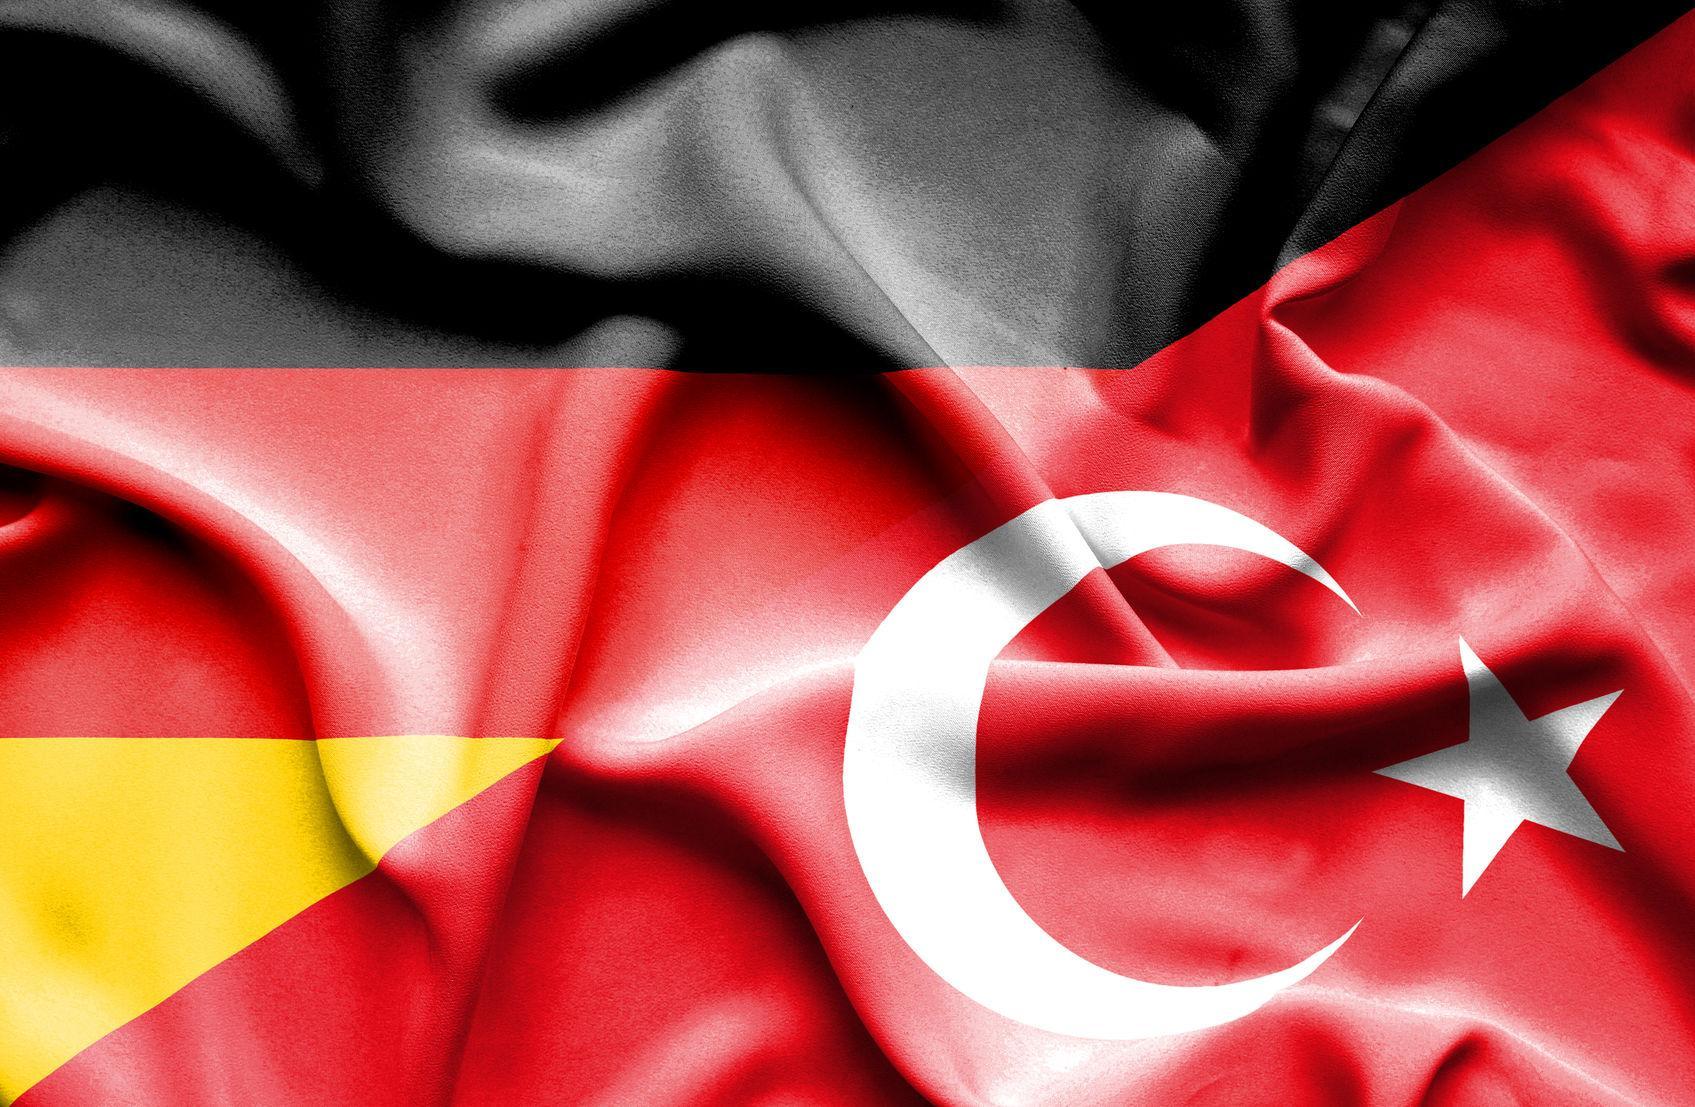 2. Türk-Alman İnovasyon Zirvesi, Sanayi 4.0 Alanında Ar-Ge Ortaklıkları Kurulmasını Hedefliyor